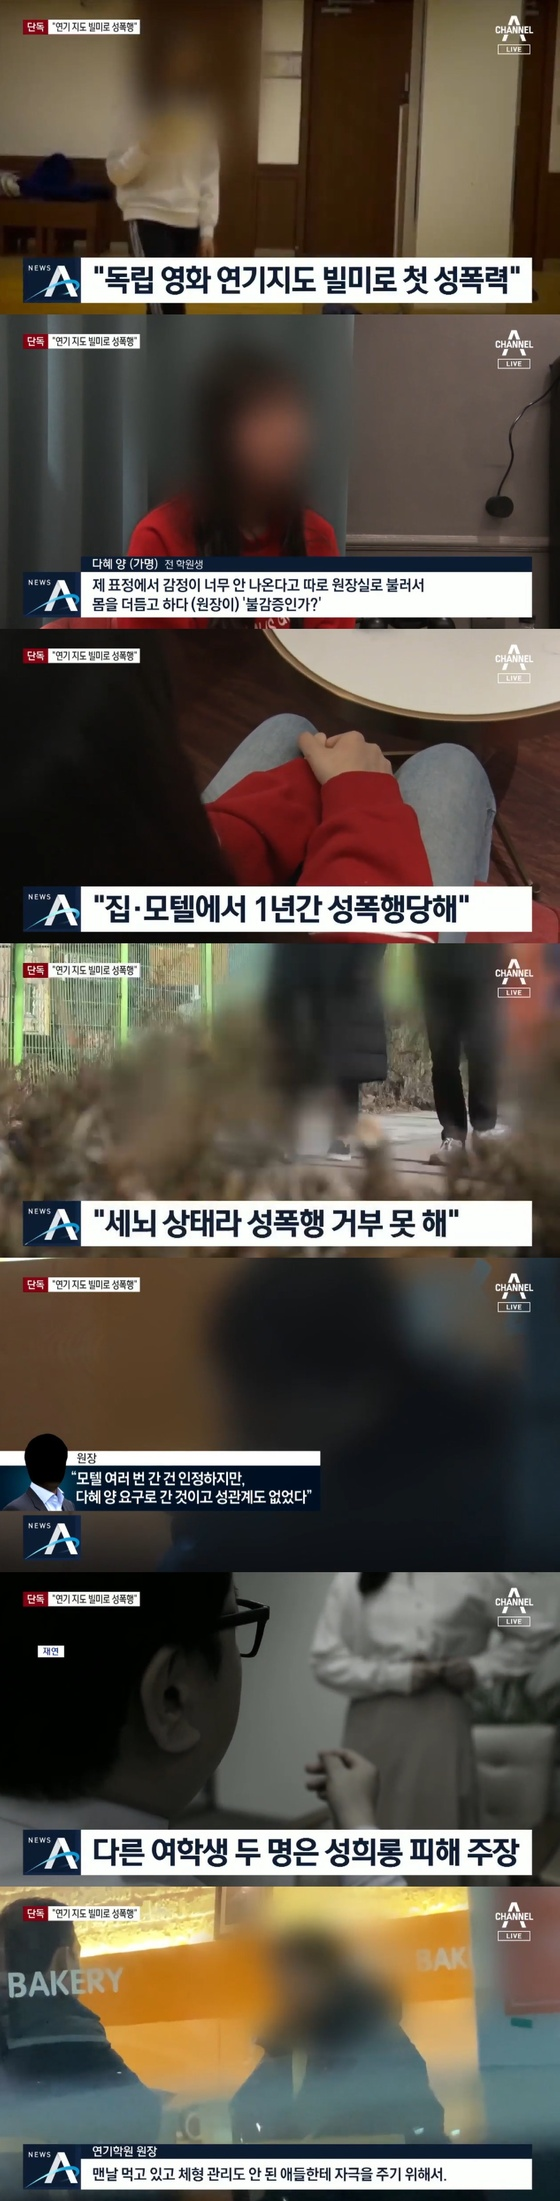 """""""연기하려면 몸 바쳐야"""" 영화인 출신 연기학원 원장, 미성년자 성폭행 의혹"""